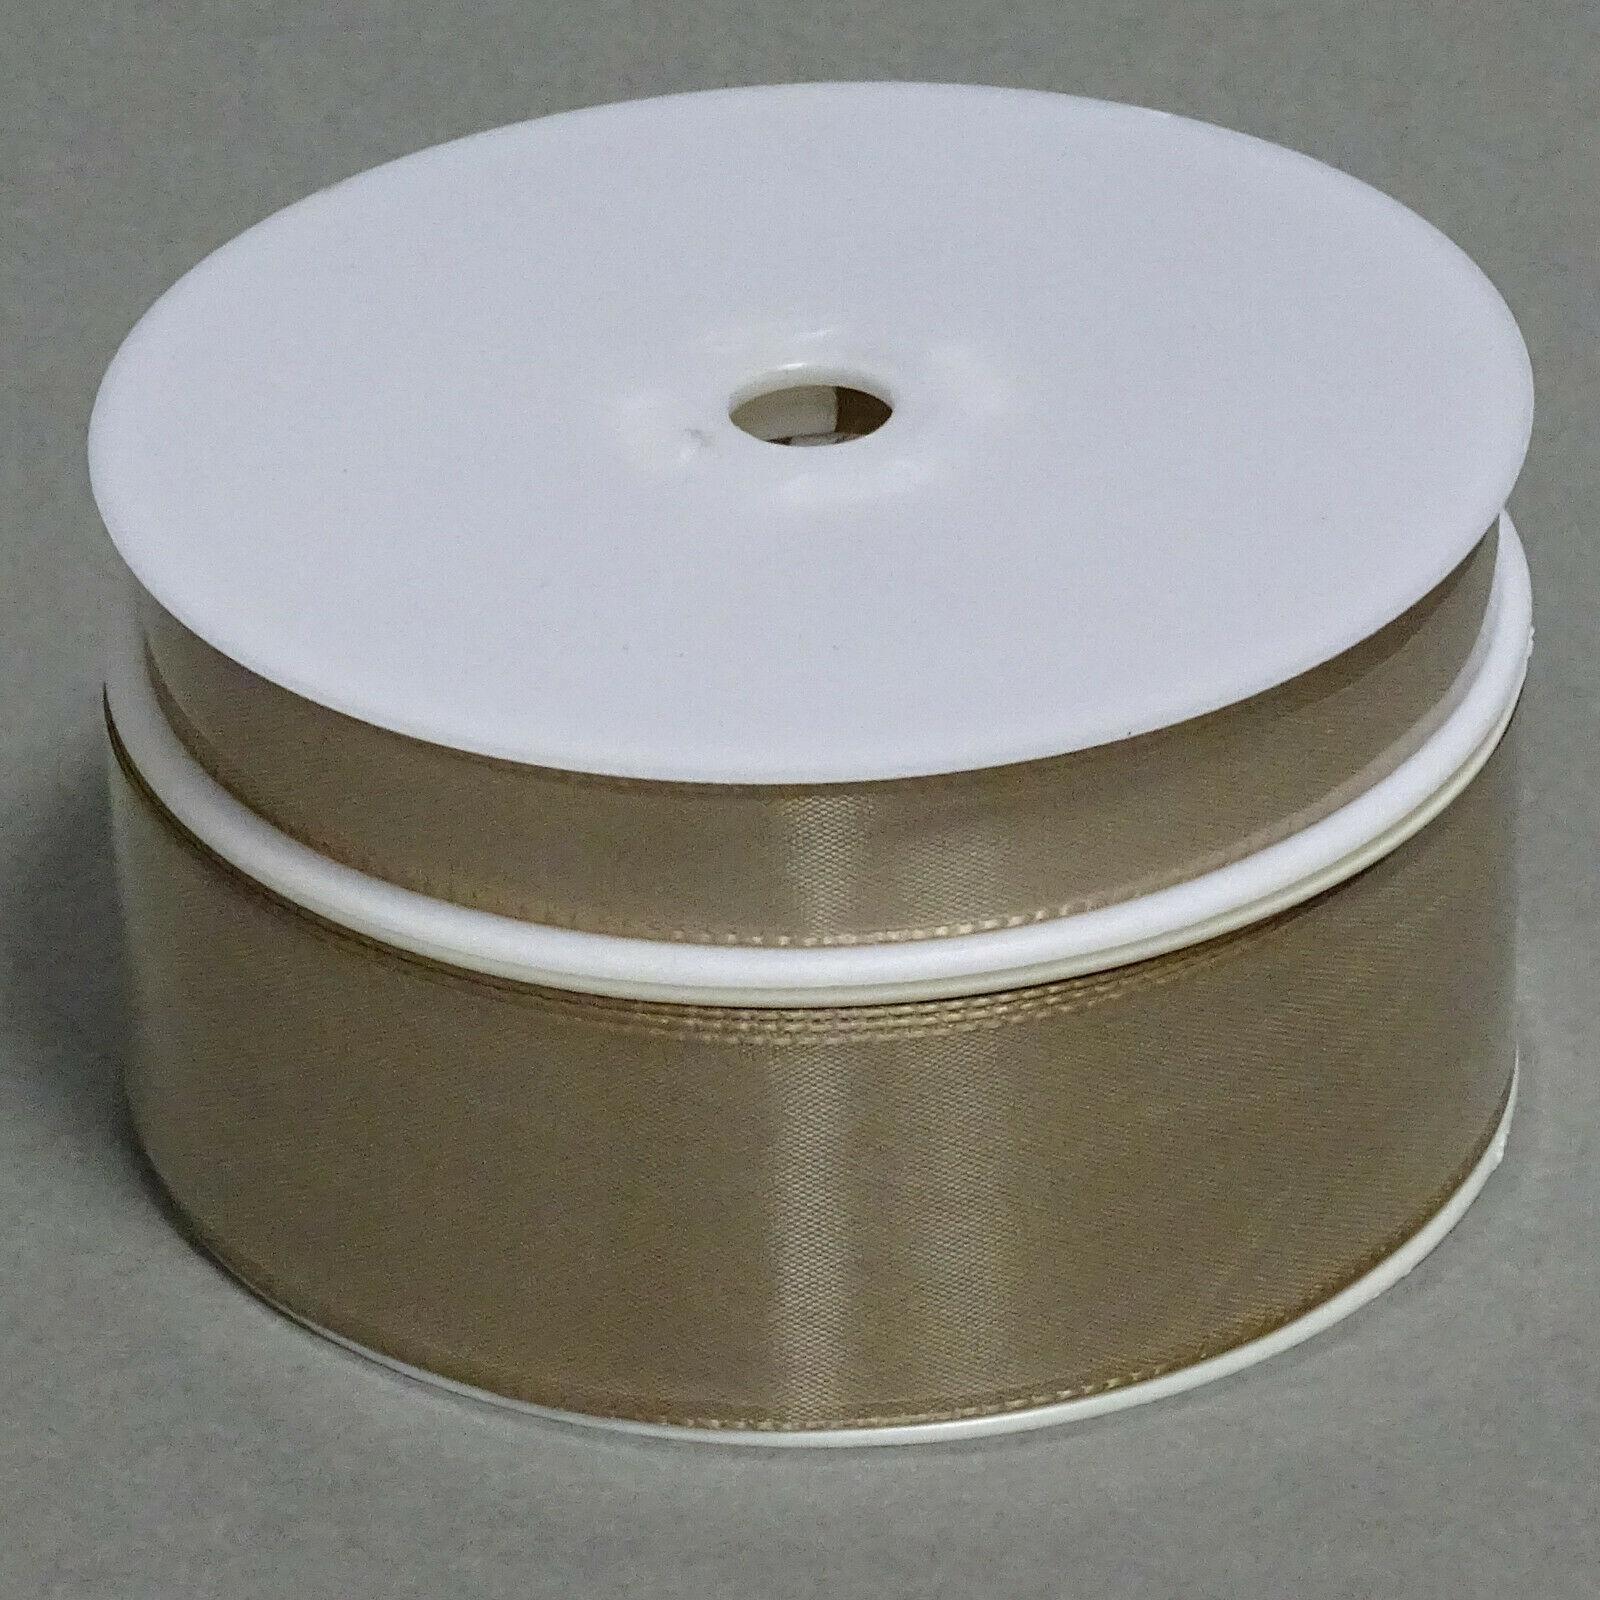 Seidenband Schleifenband 50 m x 15 / 25 / 40mm Dekoband ab 0,08€/m Geschenkband  - Cappuccino103, 40 mm x 50 m